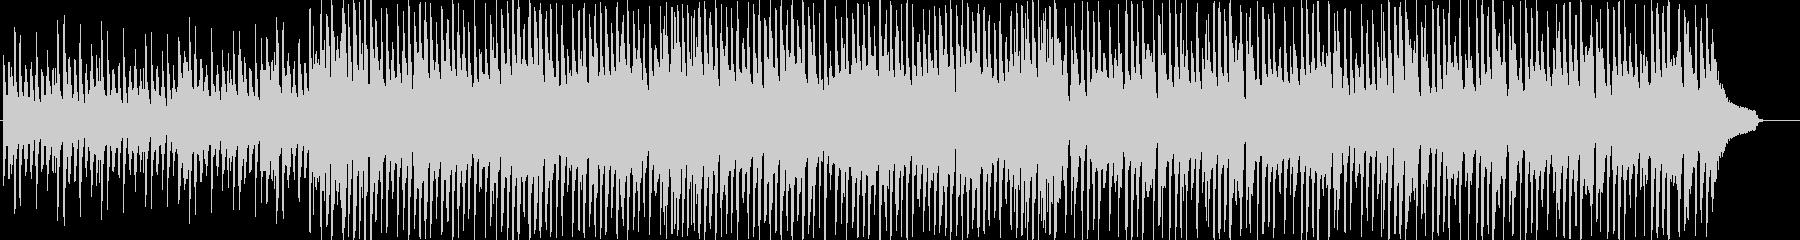 流行のコンセプトムービーBGMサウンド②の未再生の波形